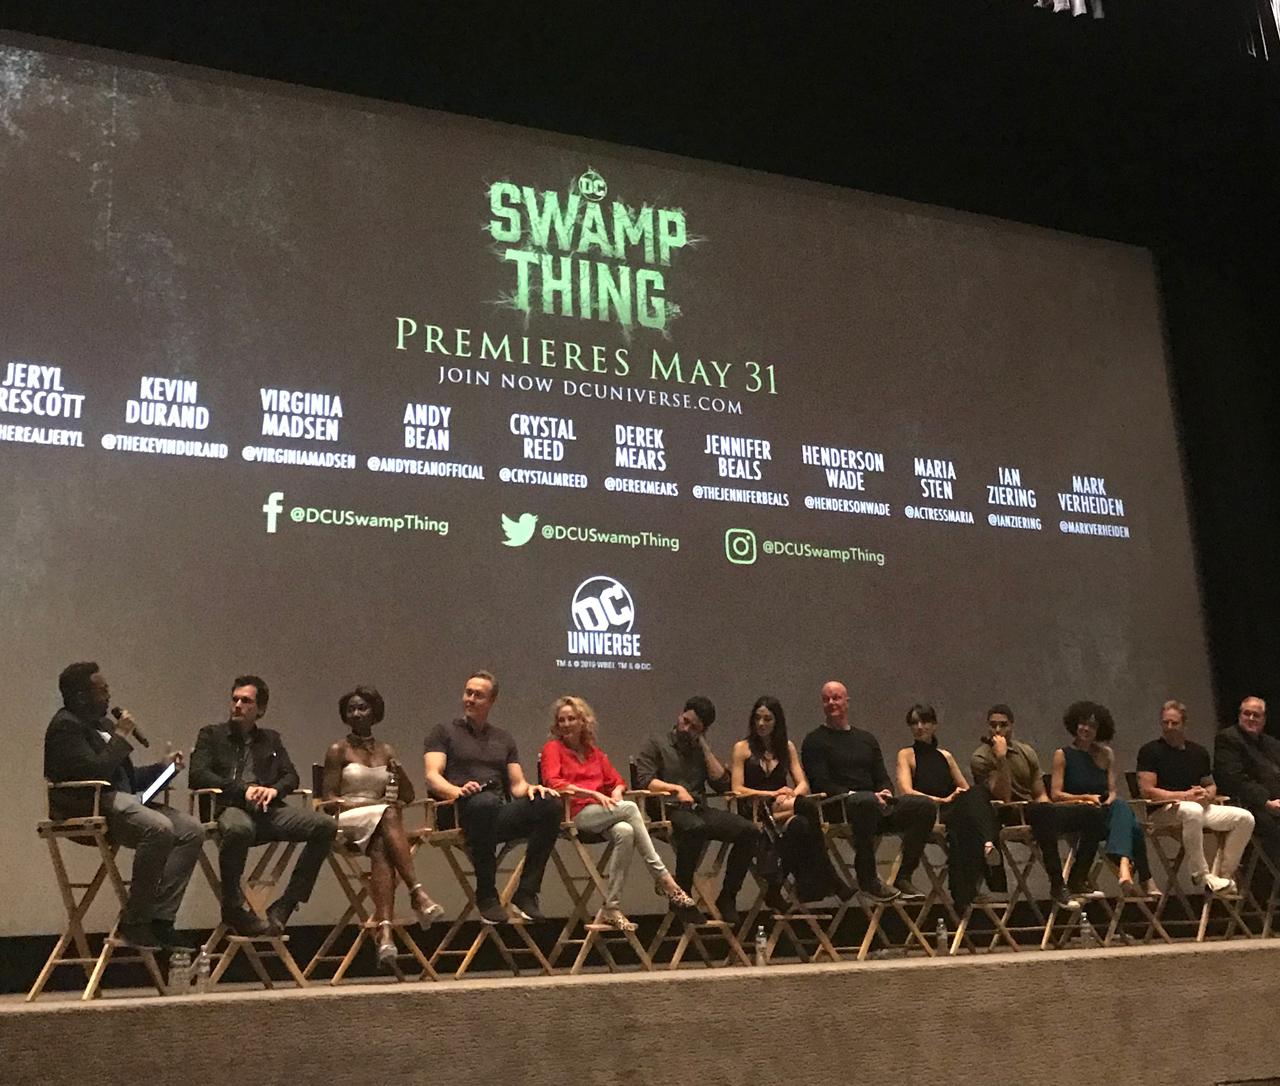 Swamp-Thing-premiere-3.jpg